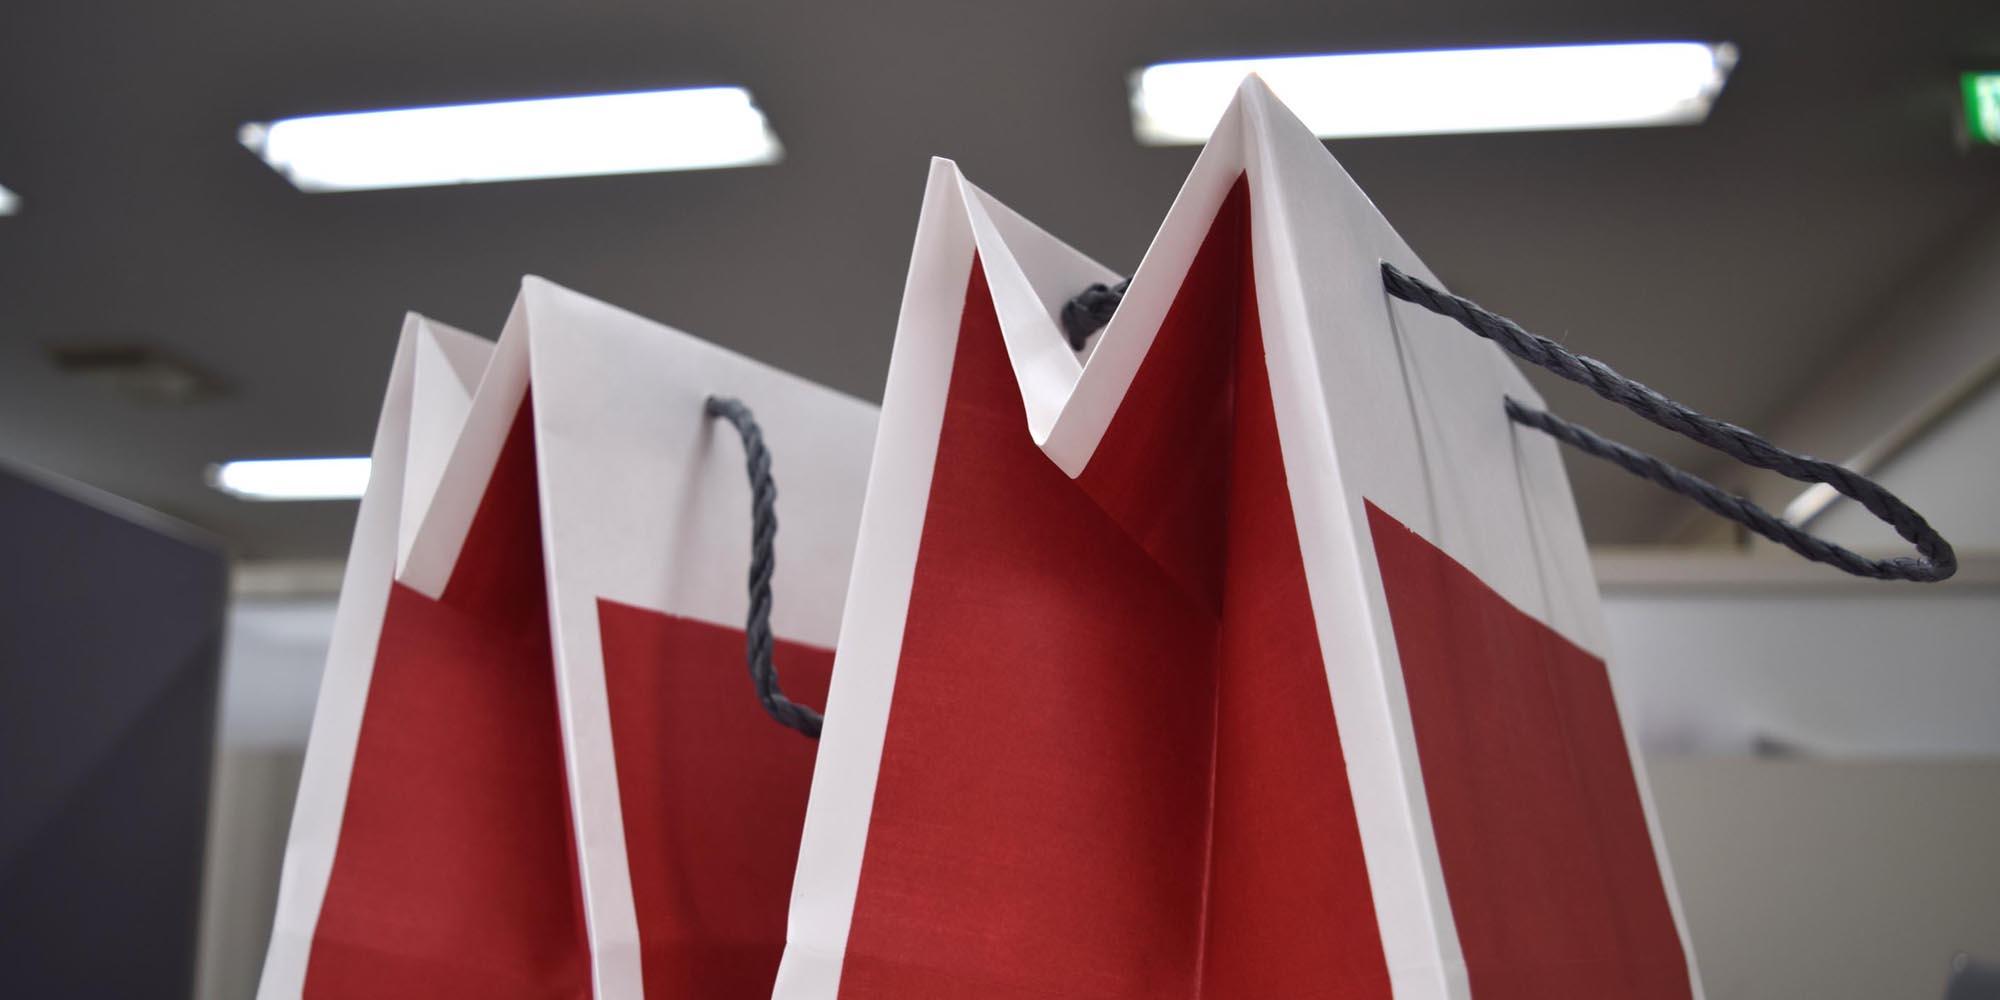 飲食・食品向けの持ち帰り(テイクアウト)に適したバッグは?種類や素材、業種別のお薦めを紹介。